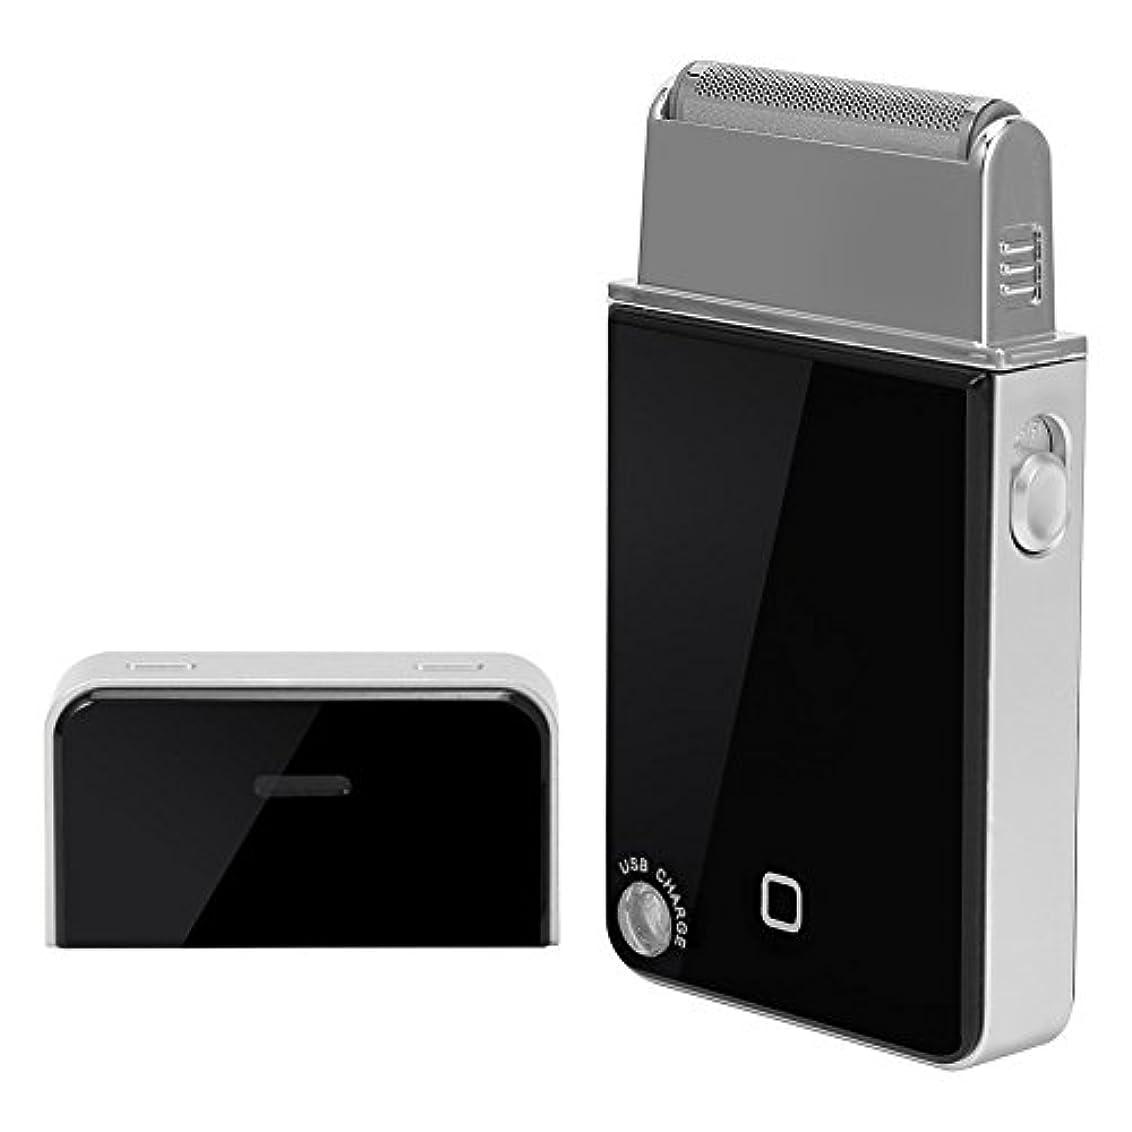 人柄通知する哲学博士USB充電器付きメンズ電気シェーバー充電式洗える超薄型ウェットとドライシェーバーフェイスシェーバー電気カミソリピストン